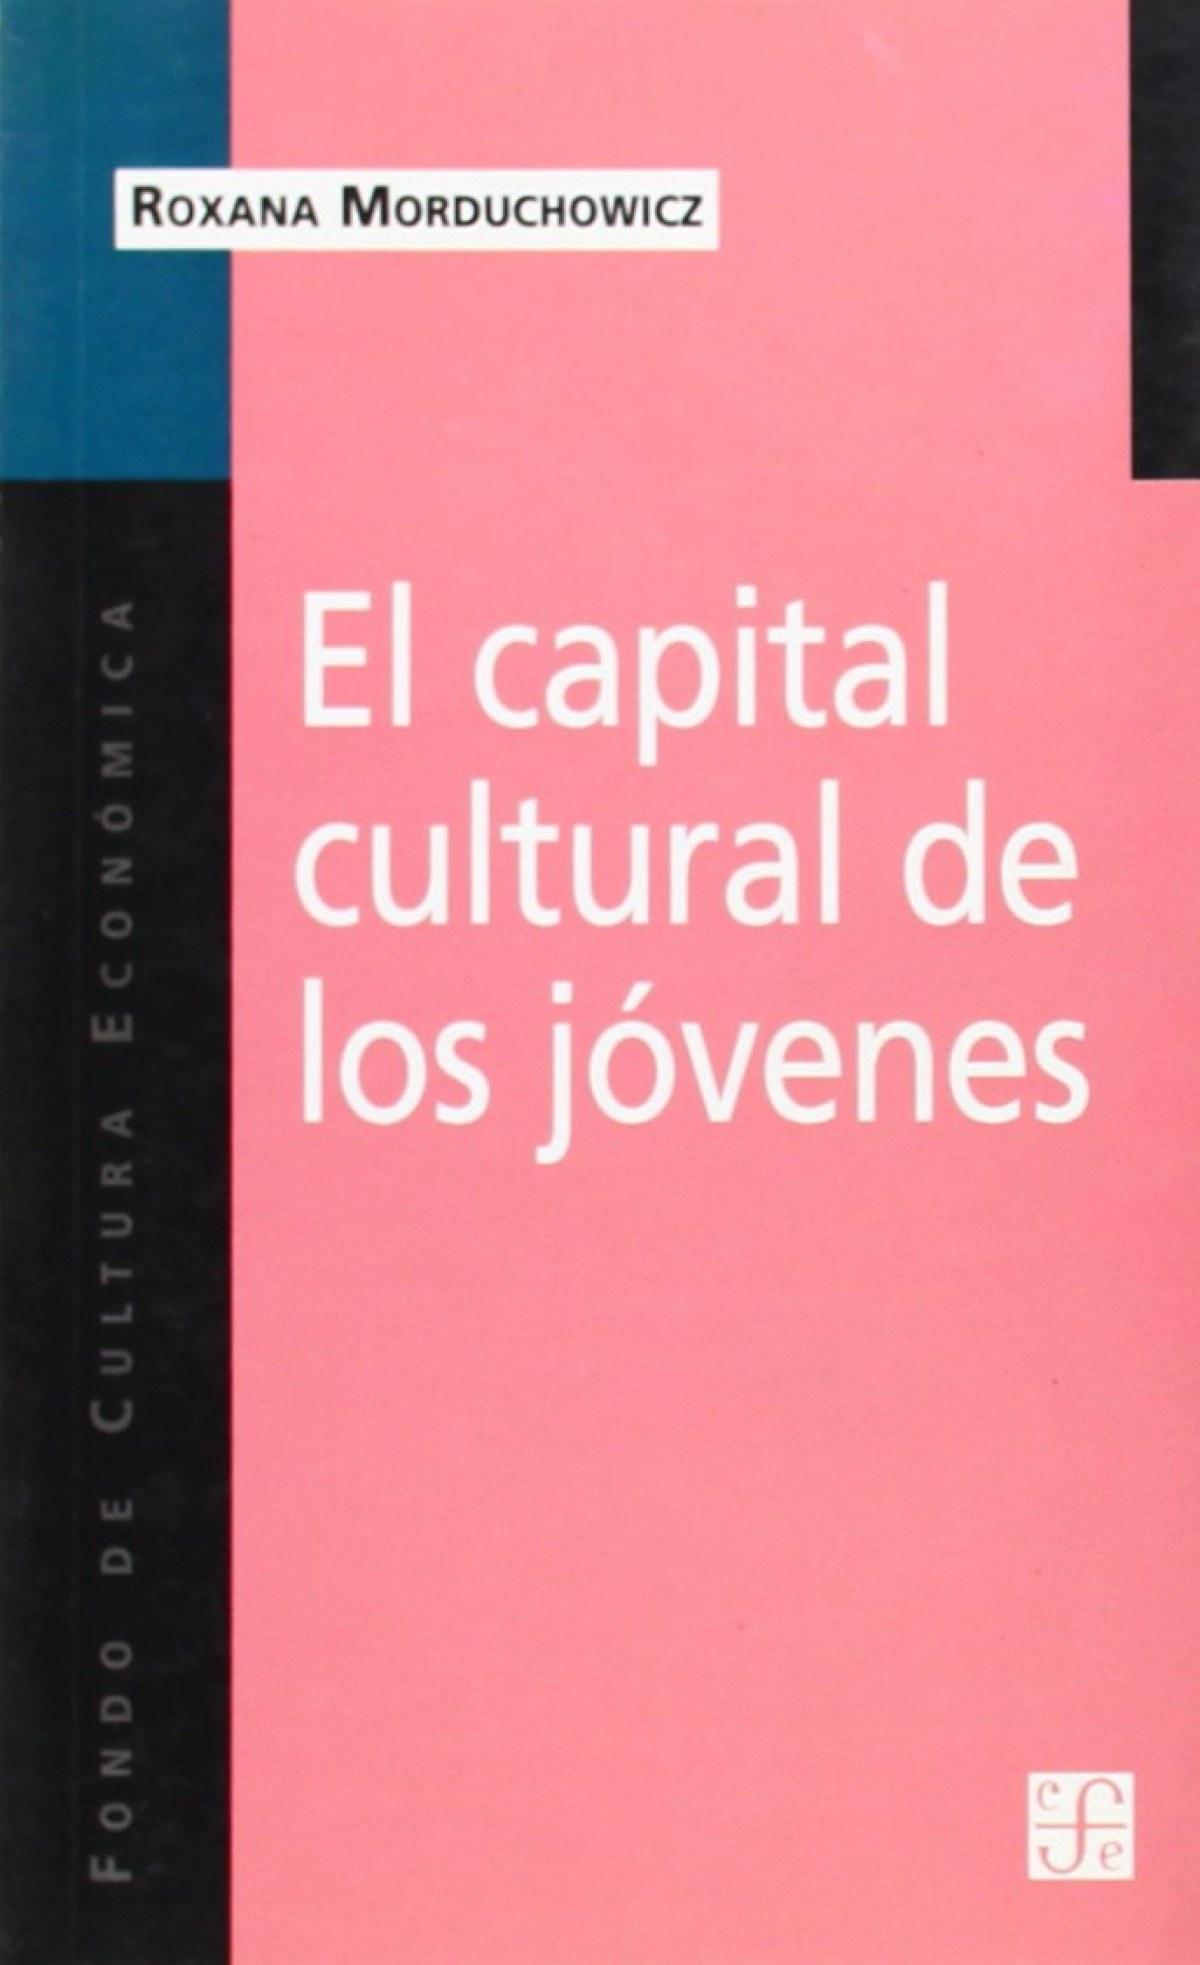 El capital cultural de los jóvenes